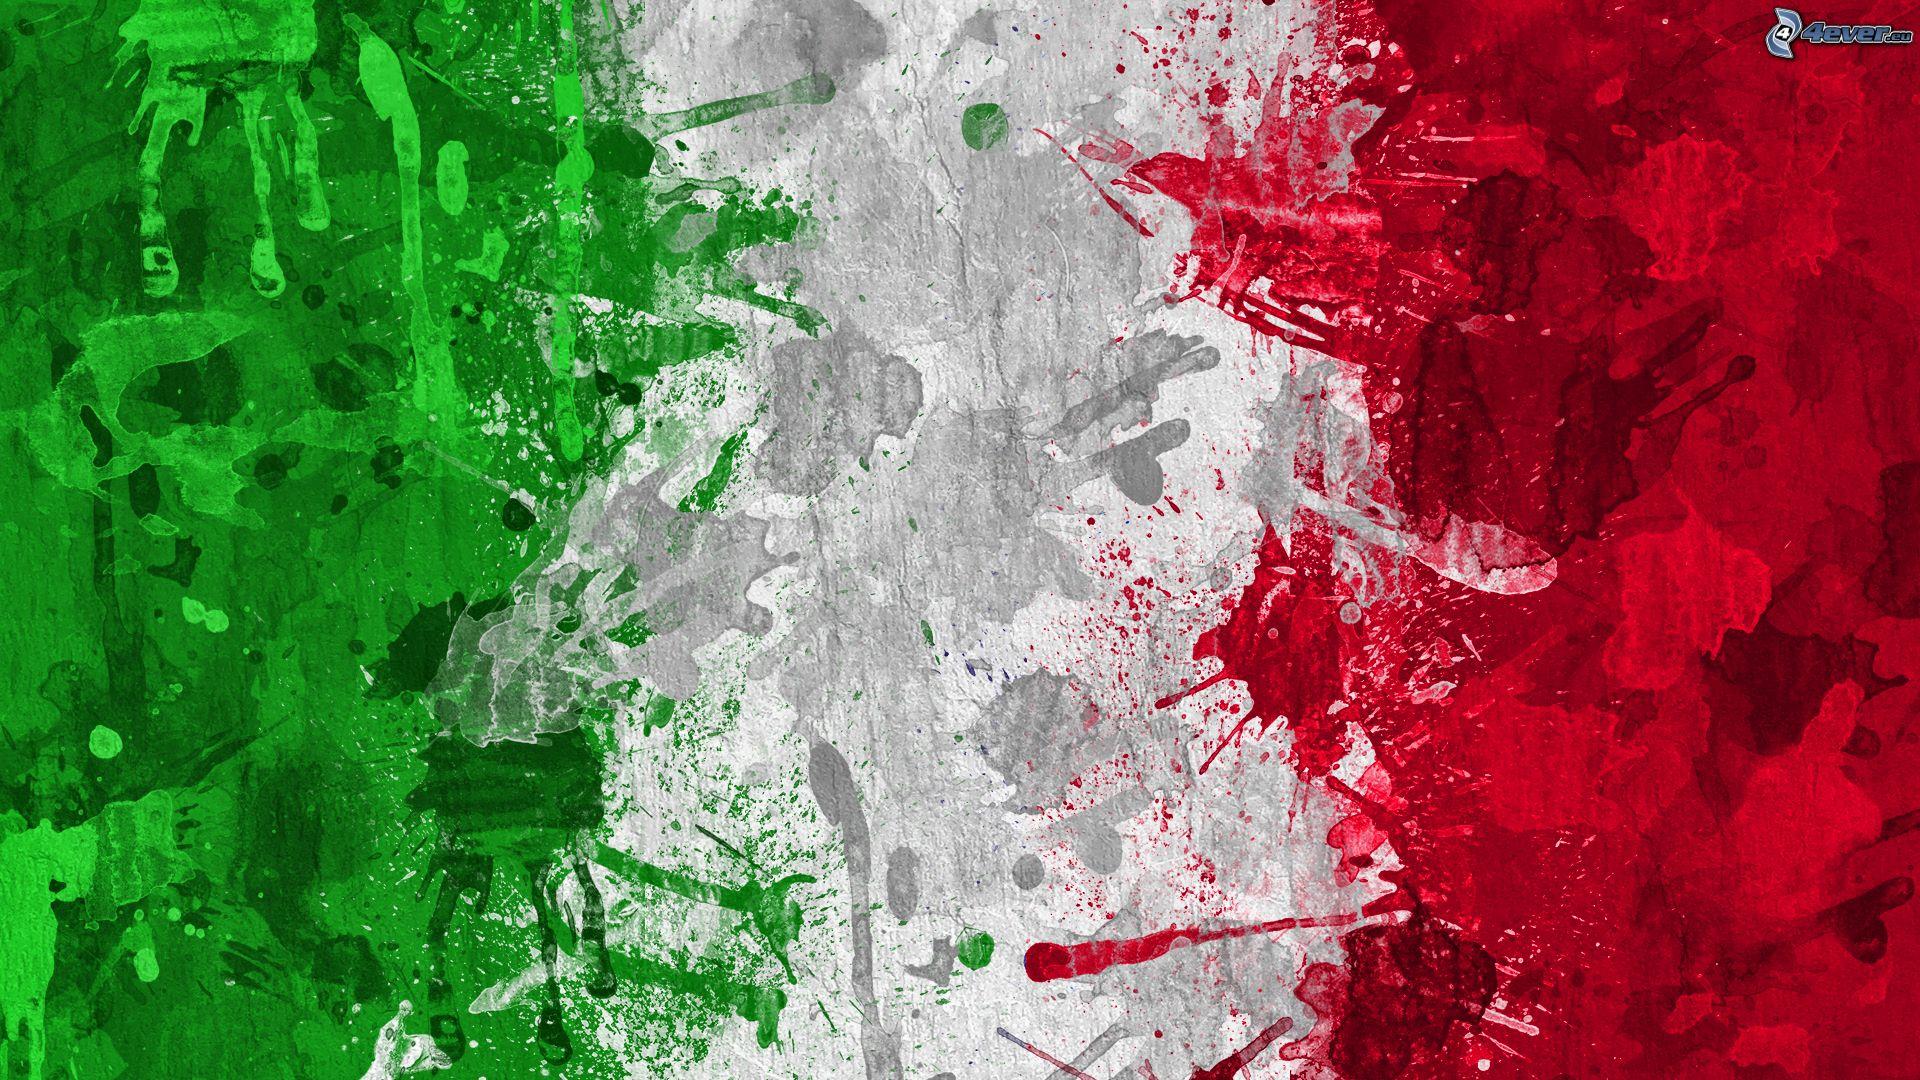 Bandiera Italiana Verde Bianco Rosso Colori 164093 Salone